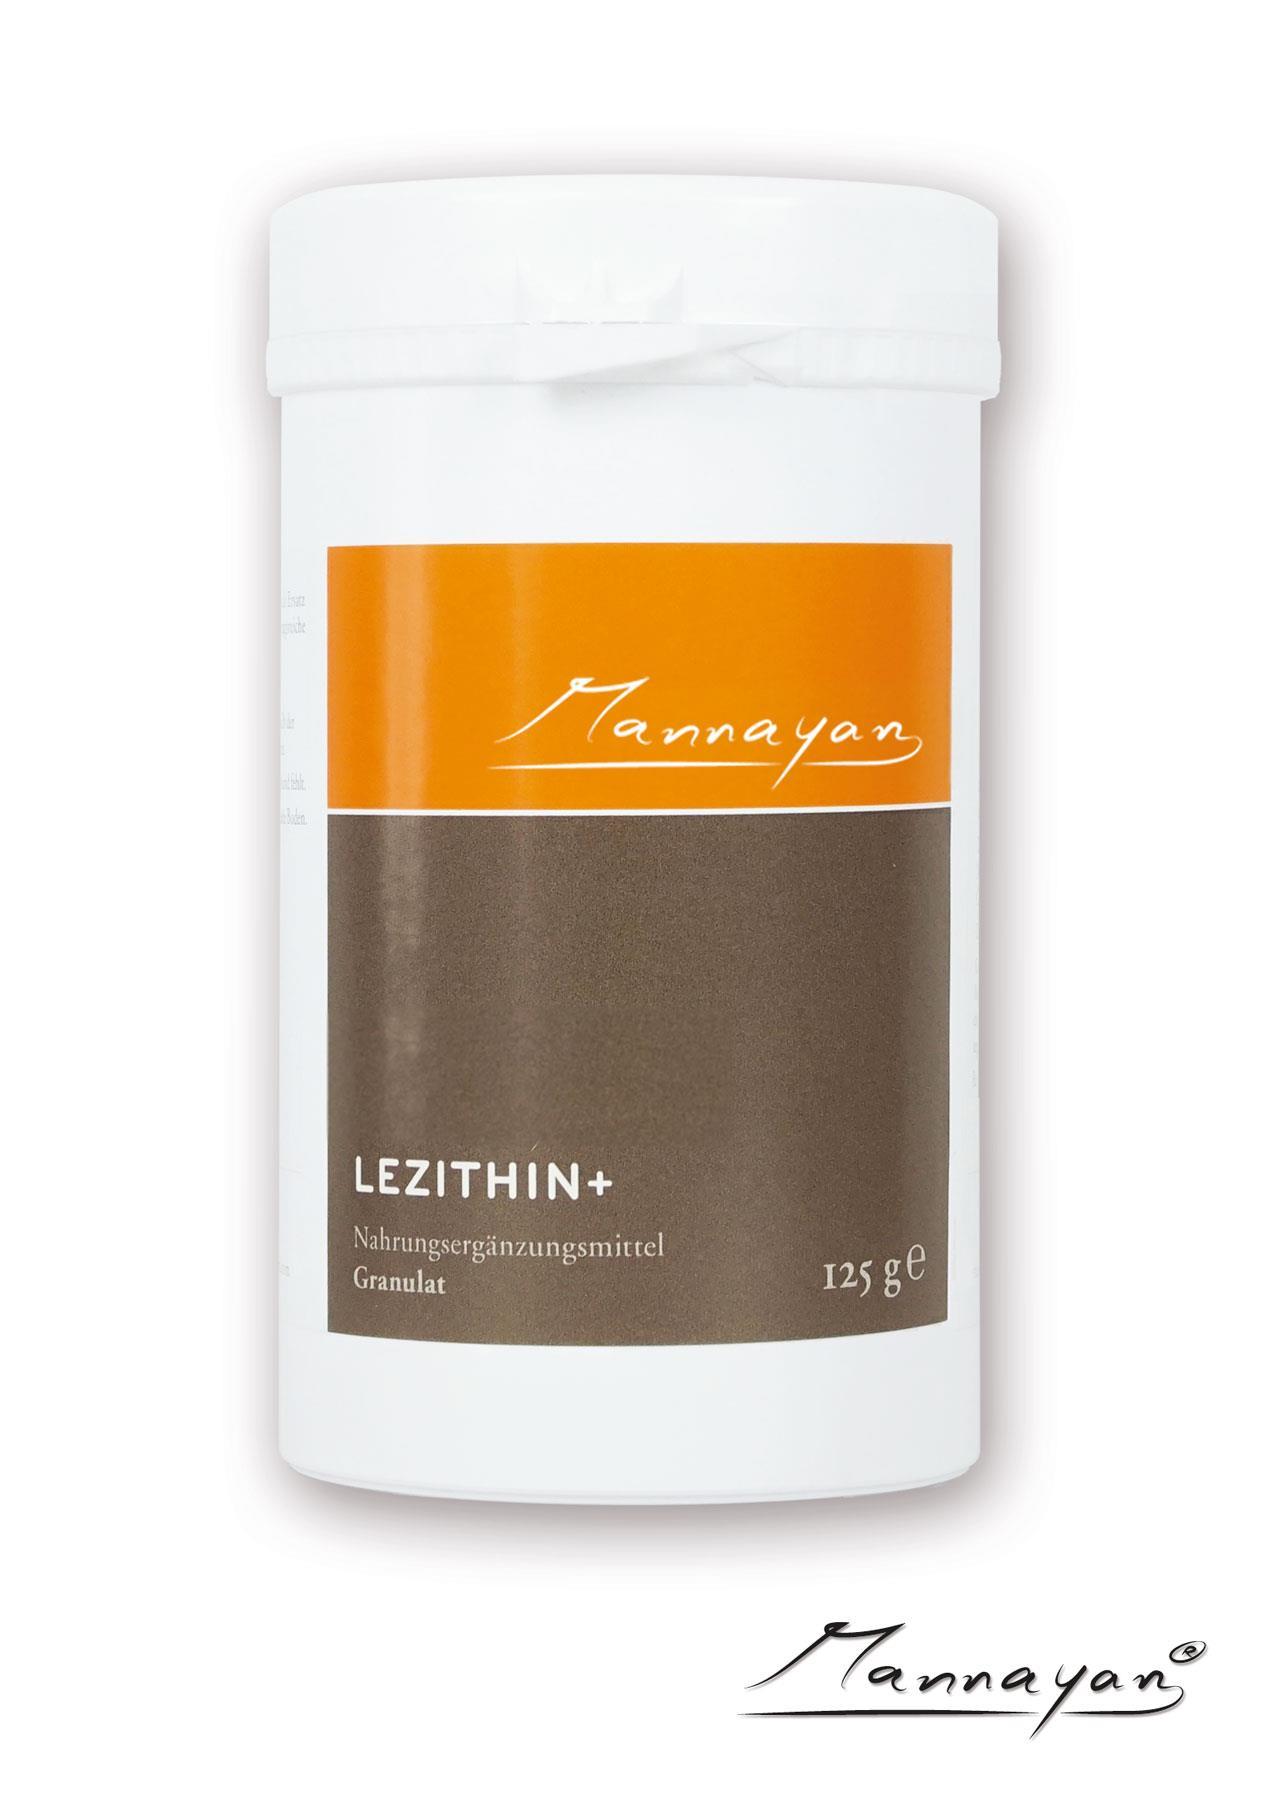 Lezithin+ von Mannayan